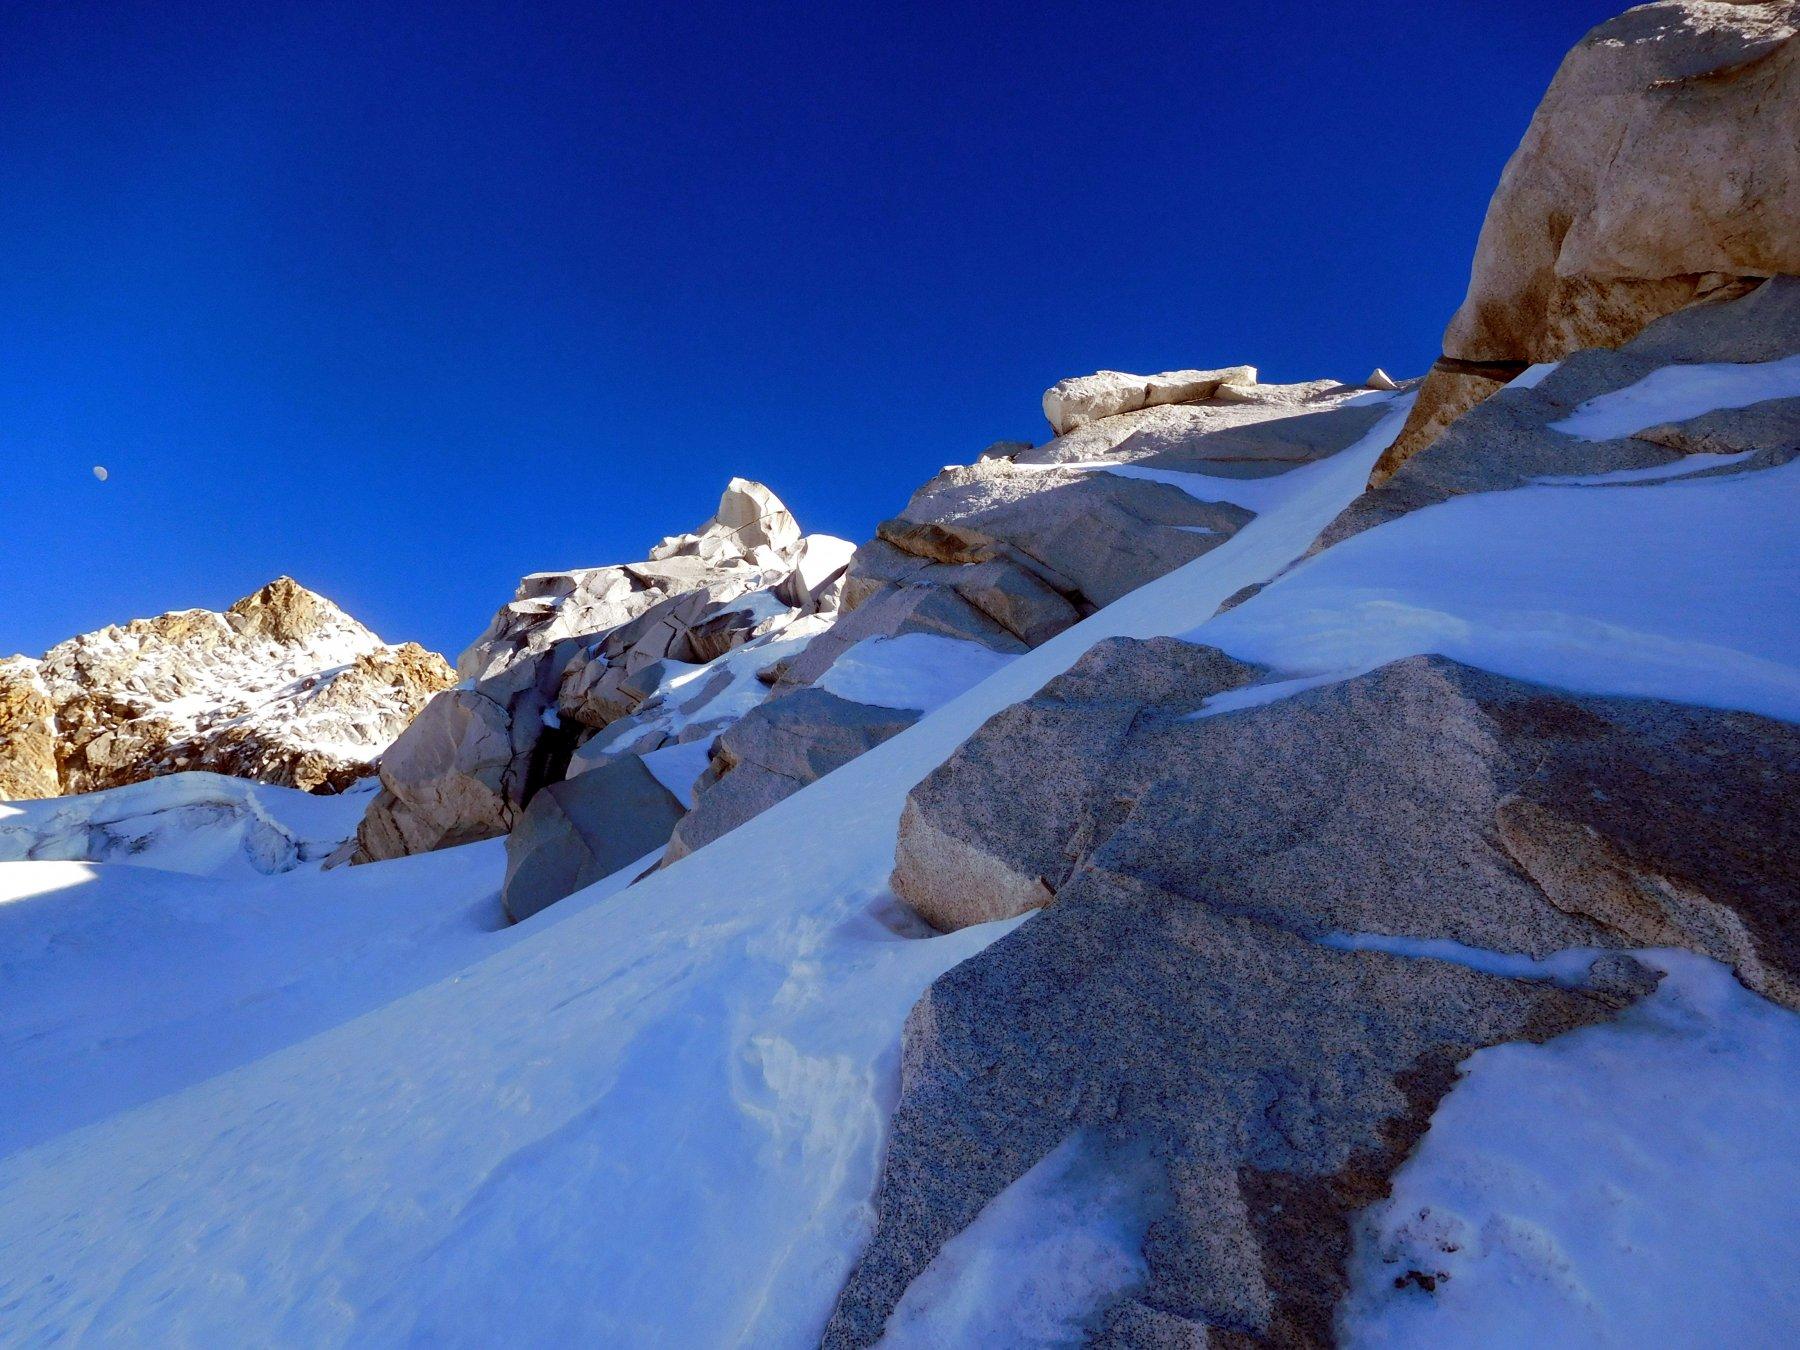 neve e granito, a sinistra la cima dell'Urus Este